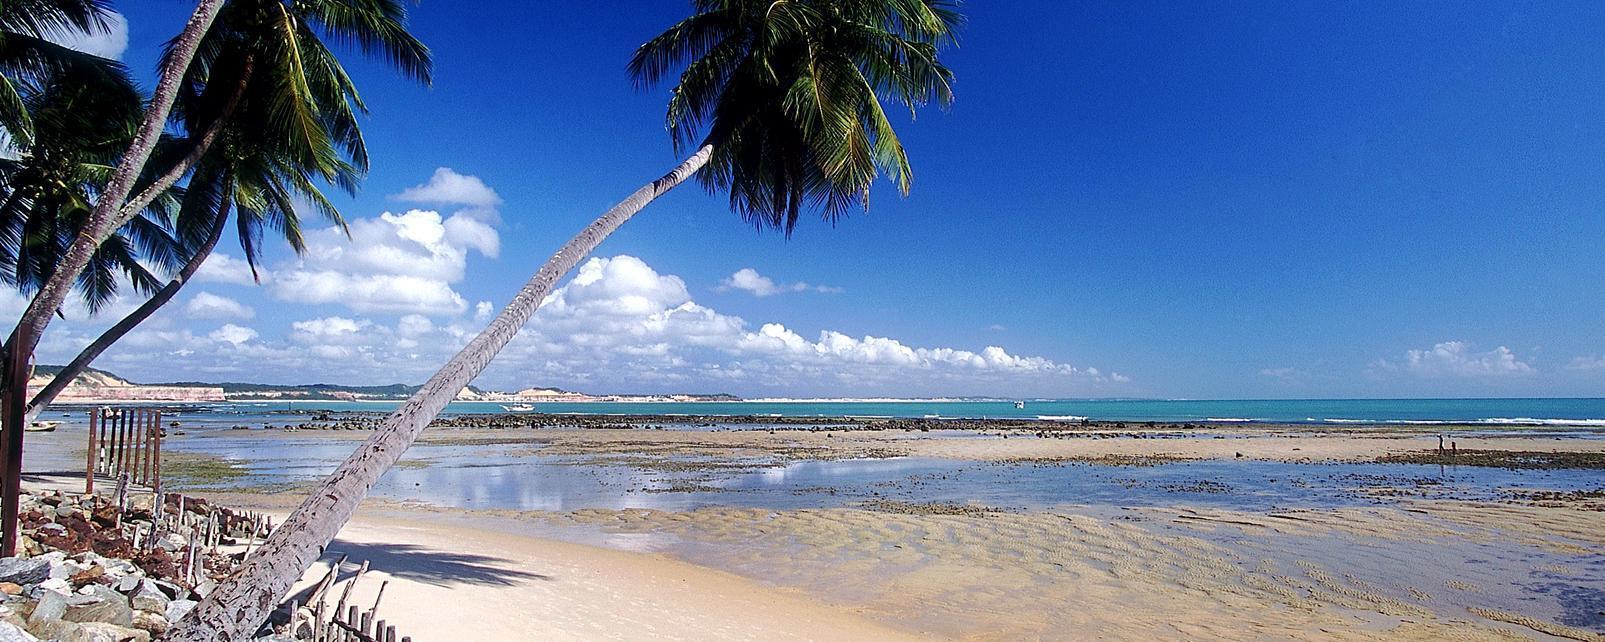 Wallis And Futuna Islands Hotels